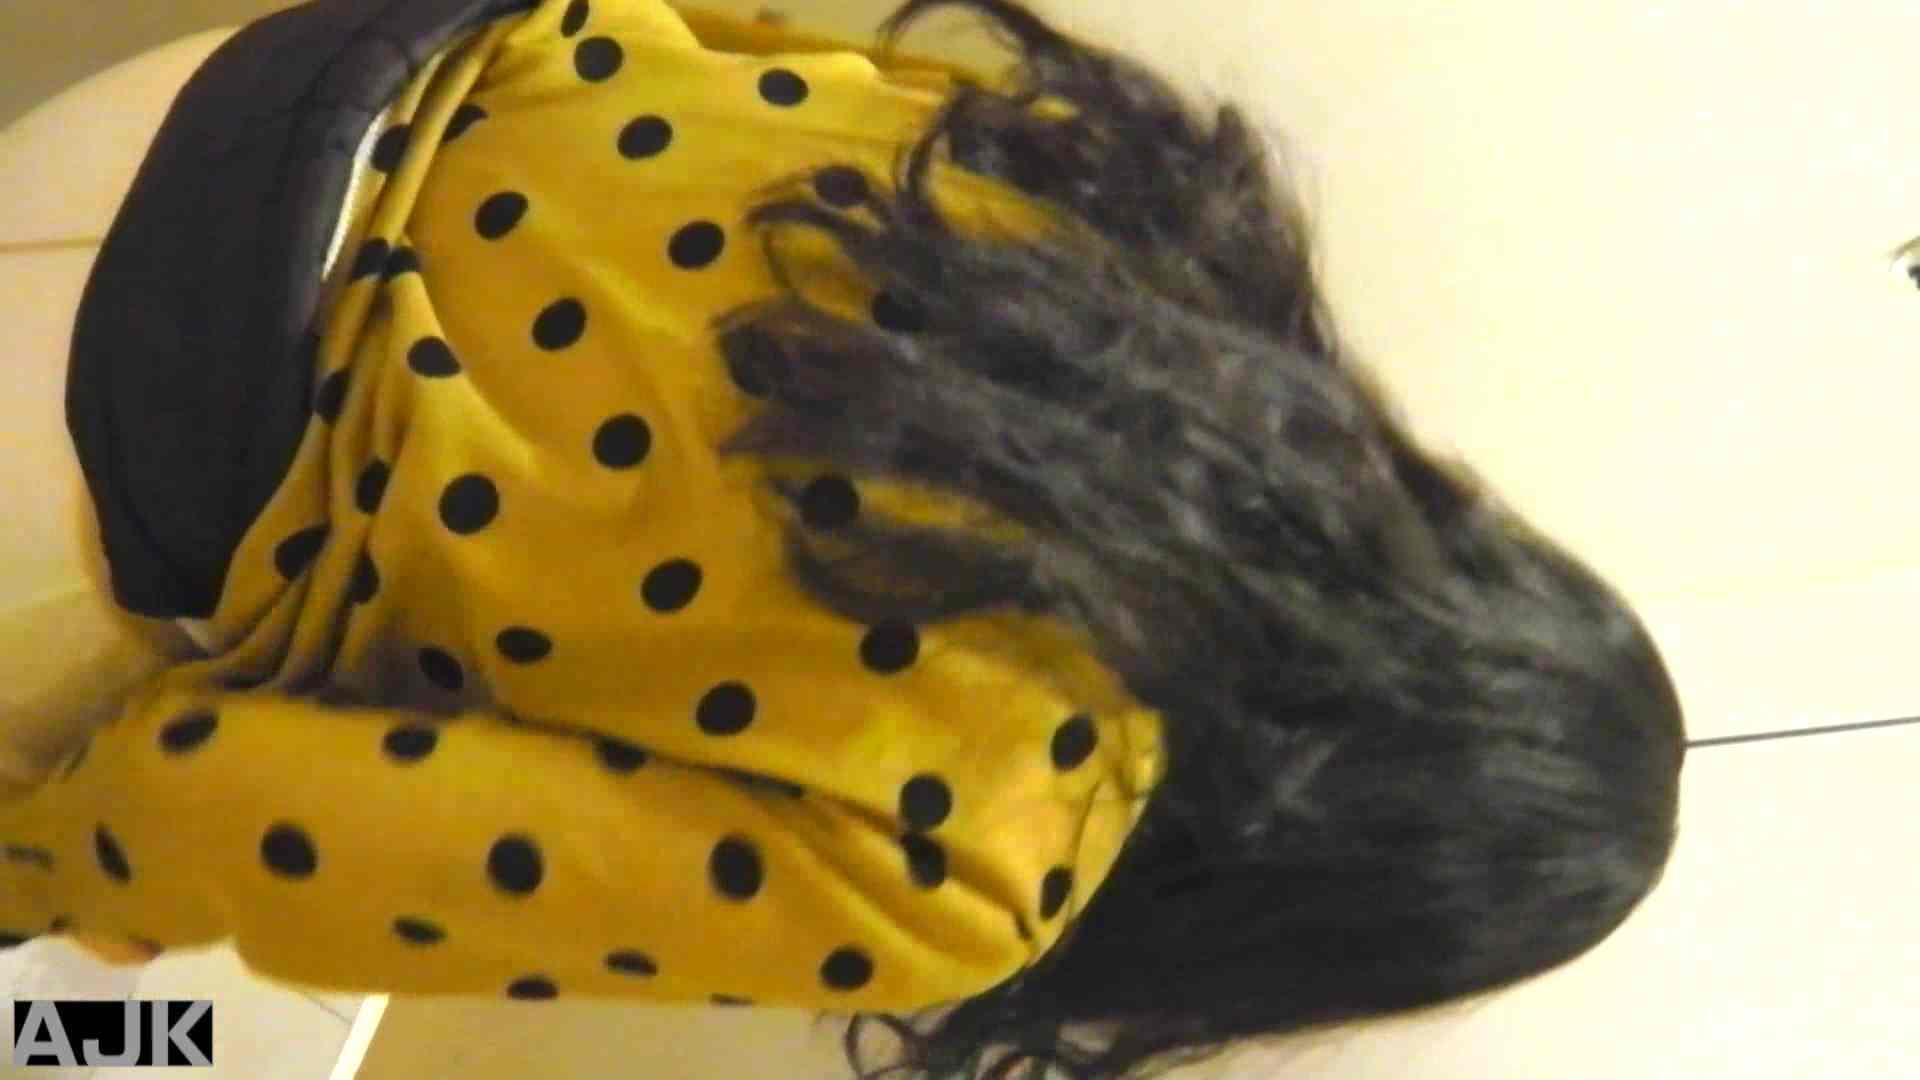 神降臨!史上最強の潜入かわや! vol.01 美しいOLの裸体 われめAV動画紹介 106pic 23